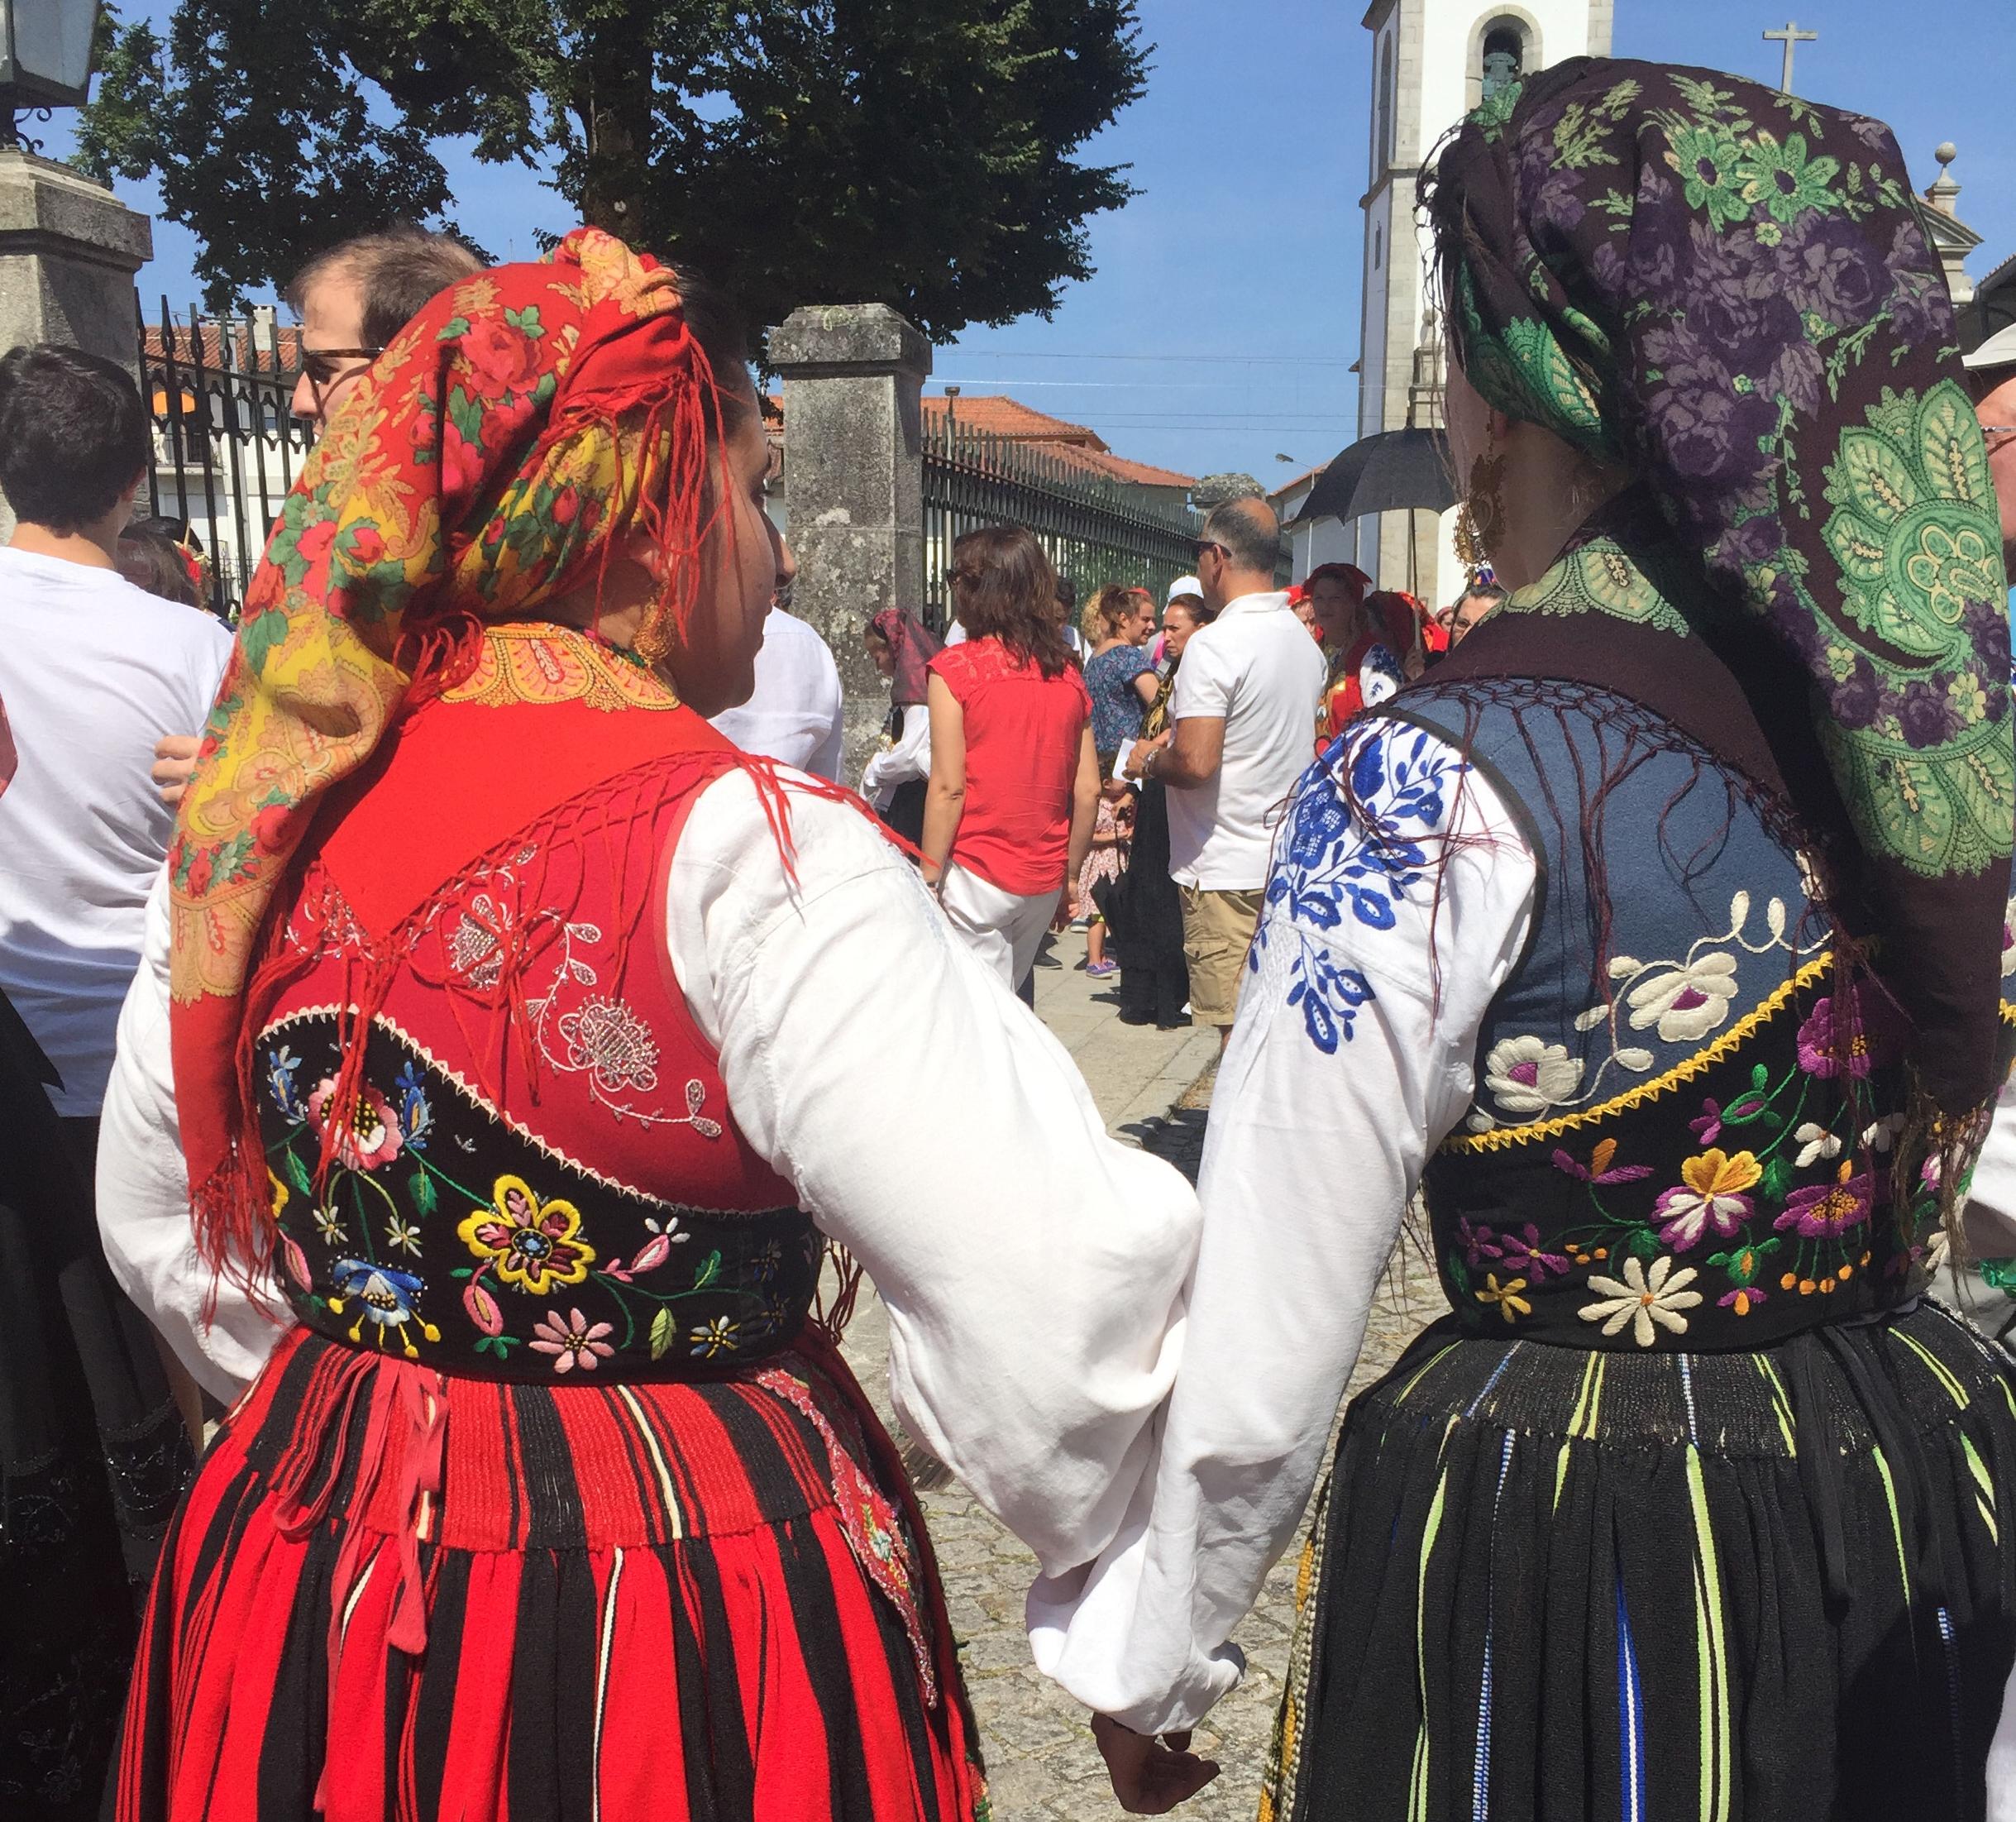 PortugalFlowers23.jpg